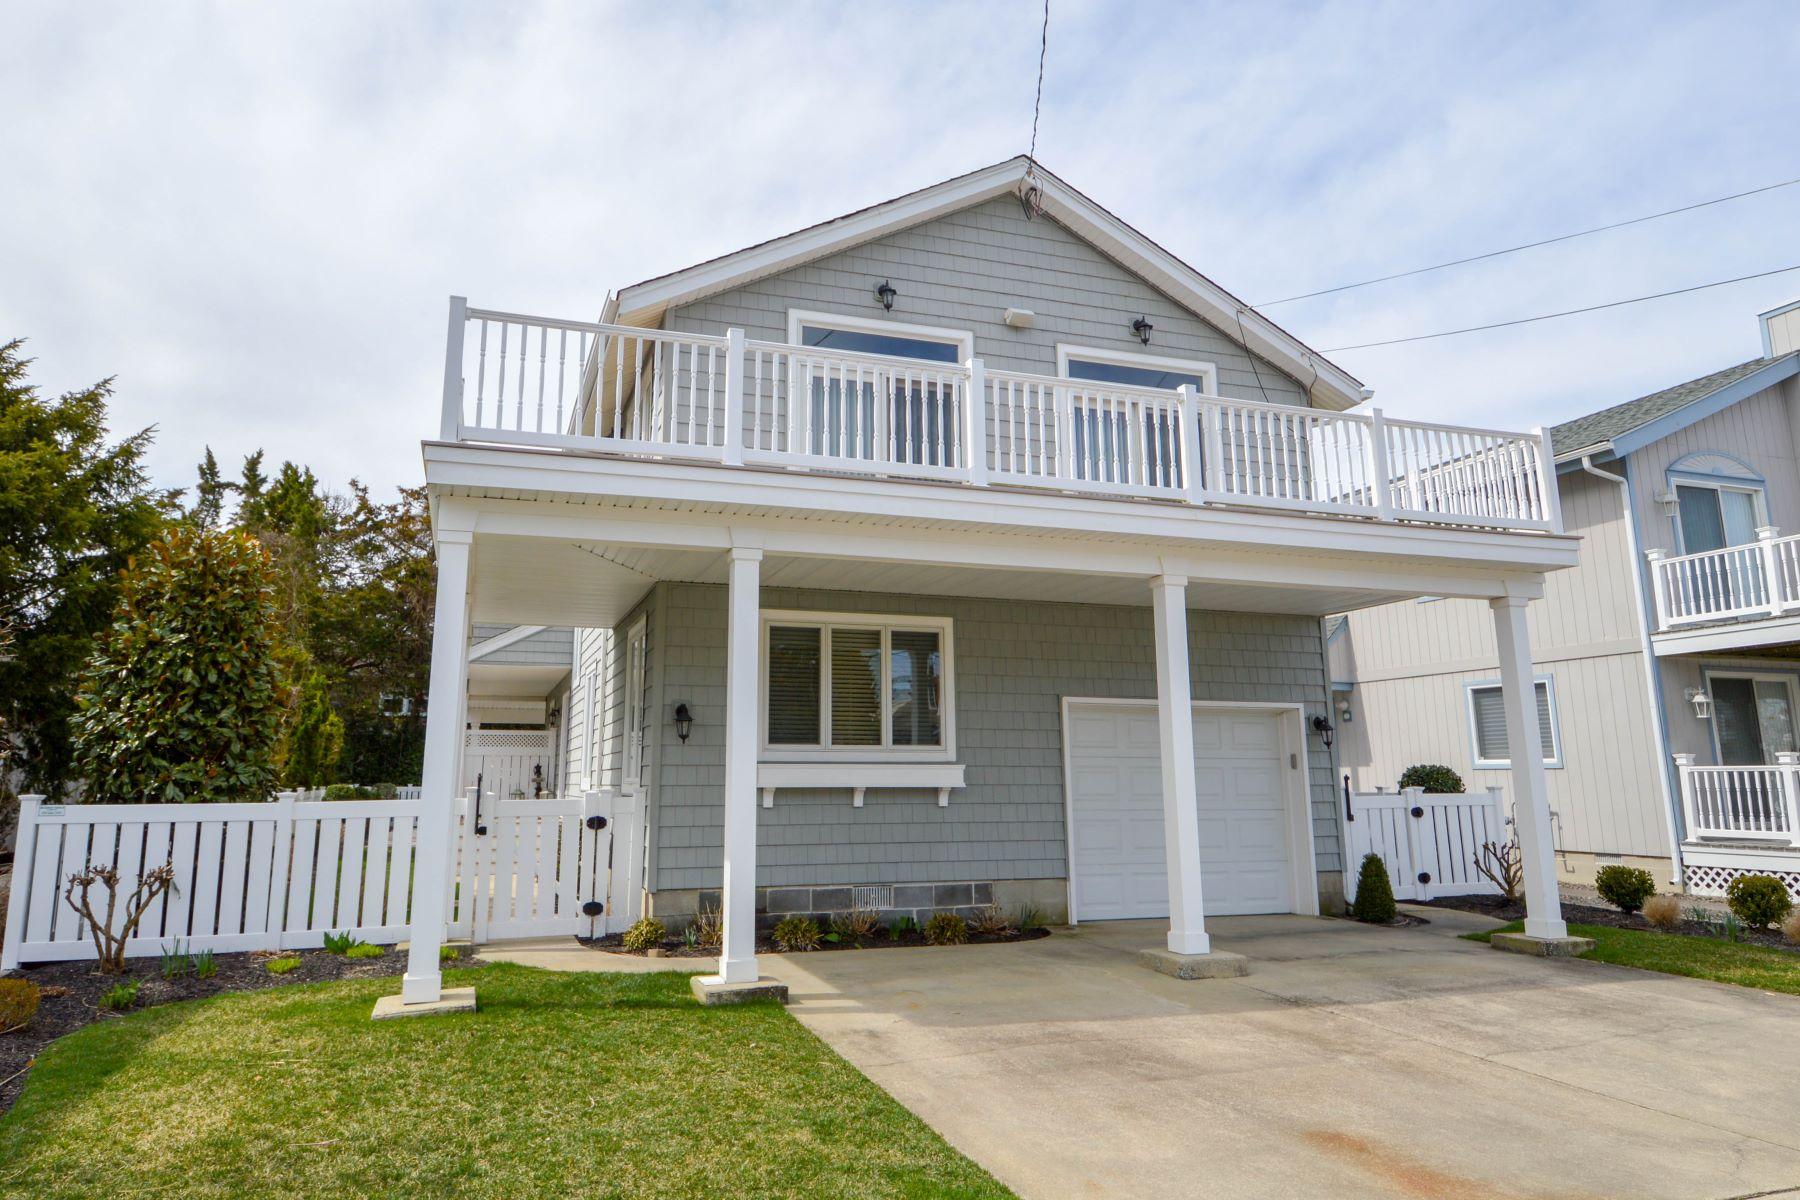 Частный односемейный дом для того Продажа на Inviting Beach Retreat 165 99th Street, Stone Harbor, Нью-Джерси 08247 Соединенные Штаты